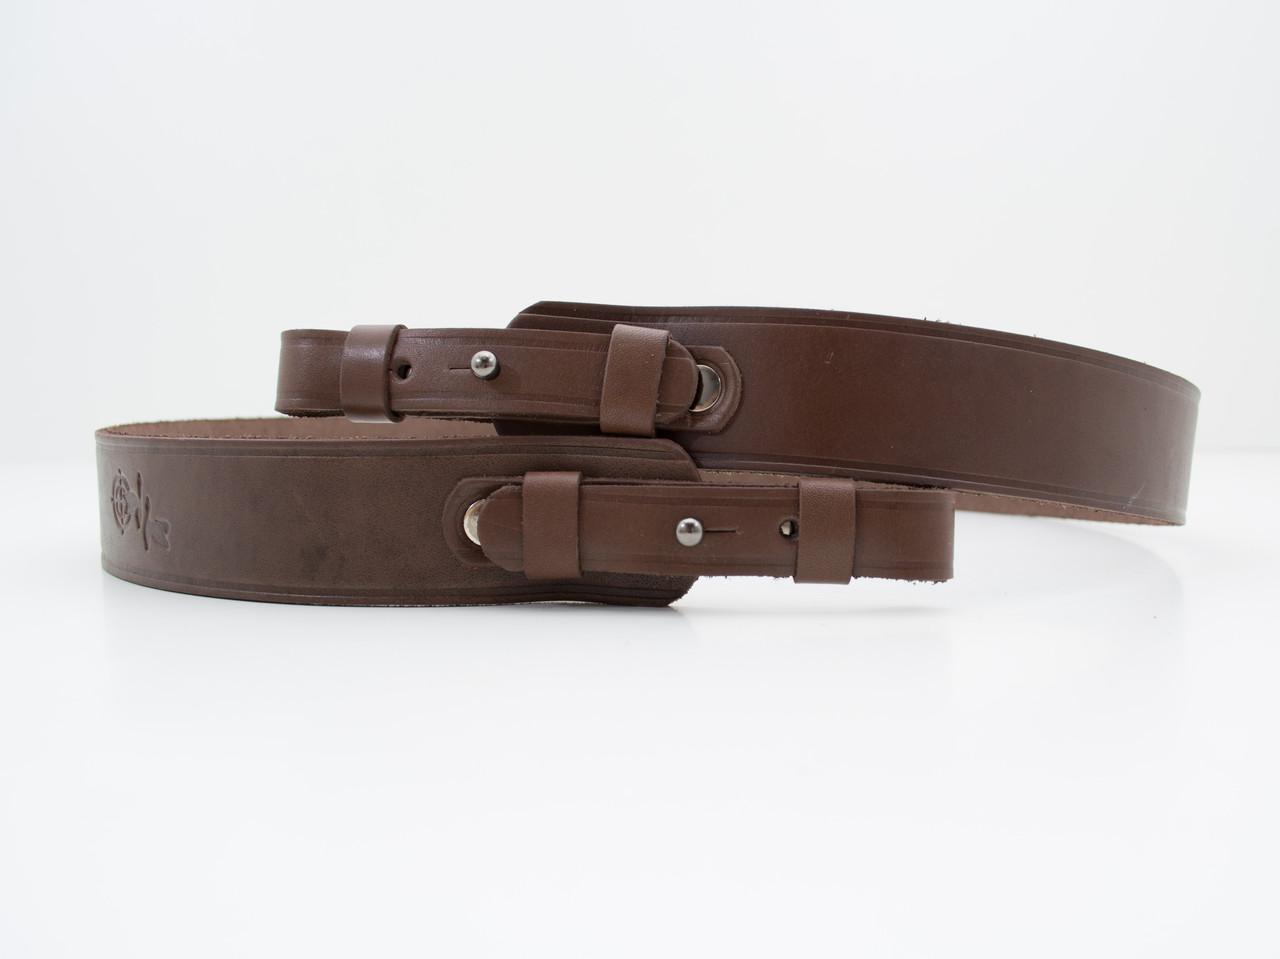 Ремень для ружья прямой 3,5 см 90см кожаный коричневый 5044/2